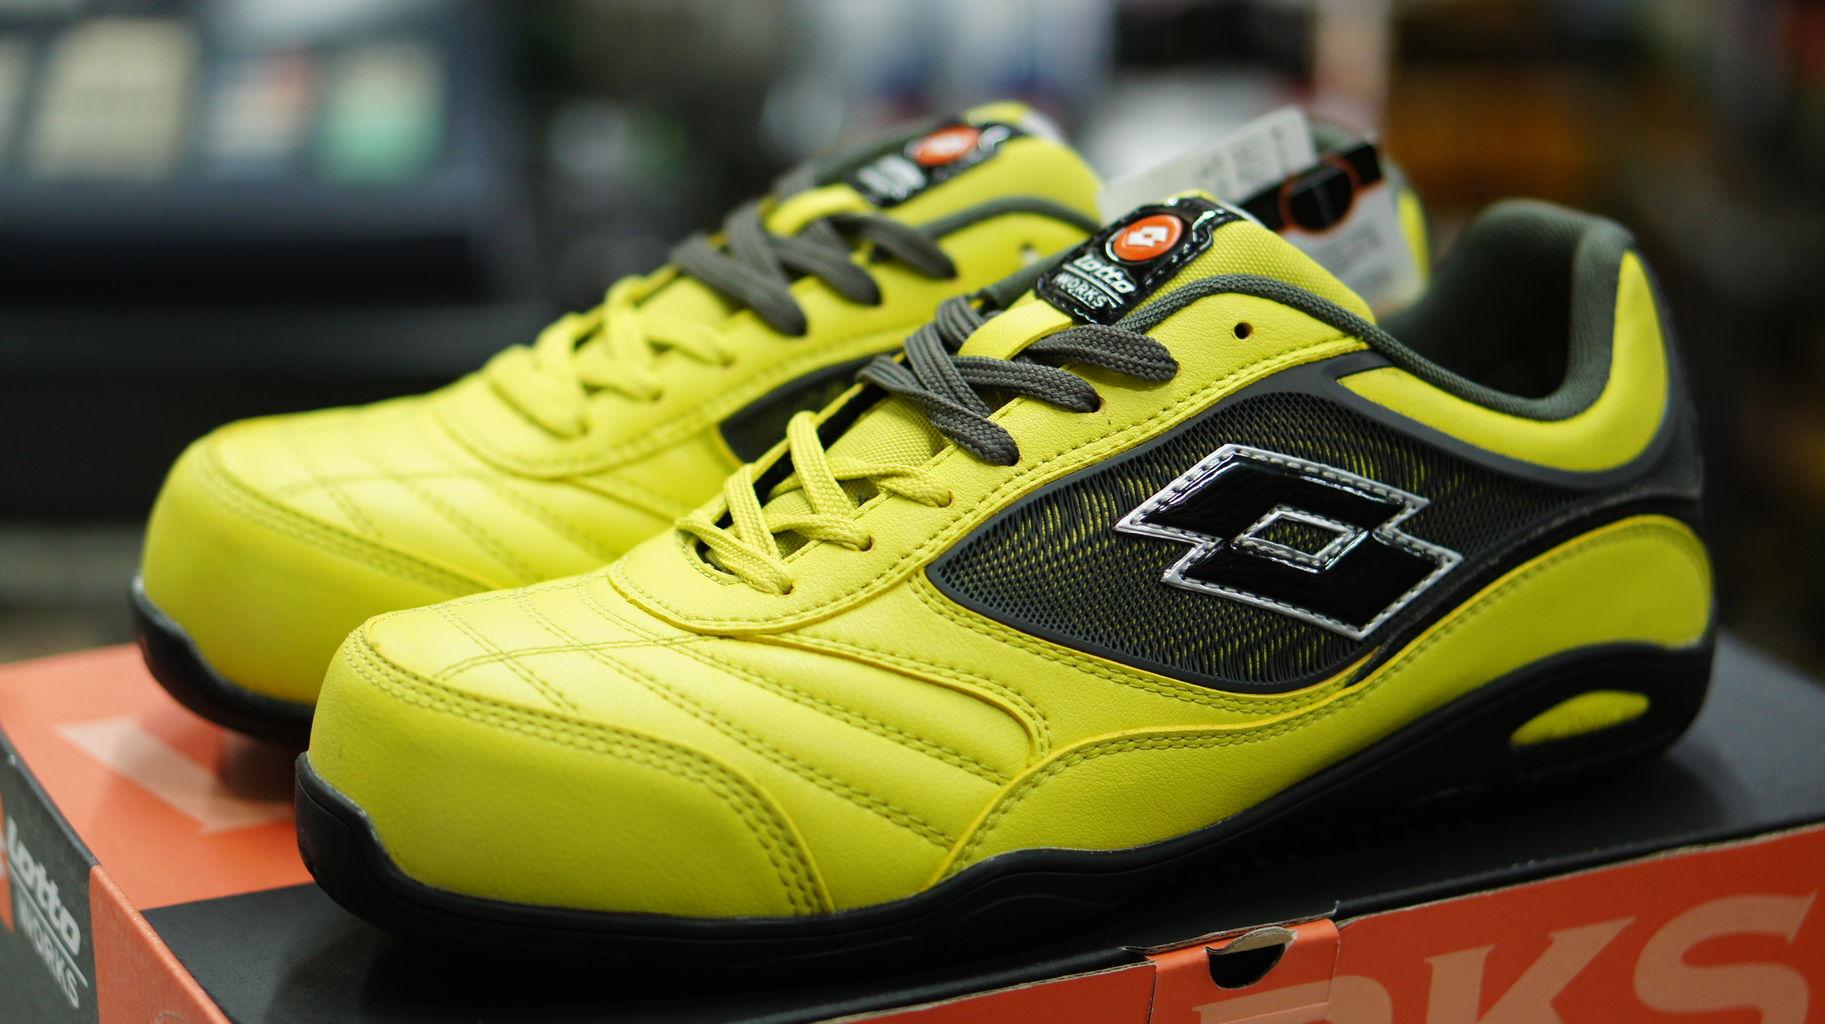 大塚タナカblog  Lotto WORKS 安全靴スニーカーコメントトラックバック